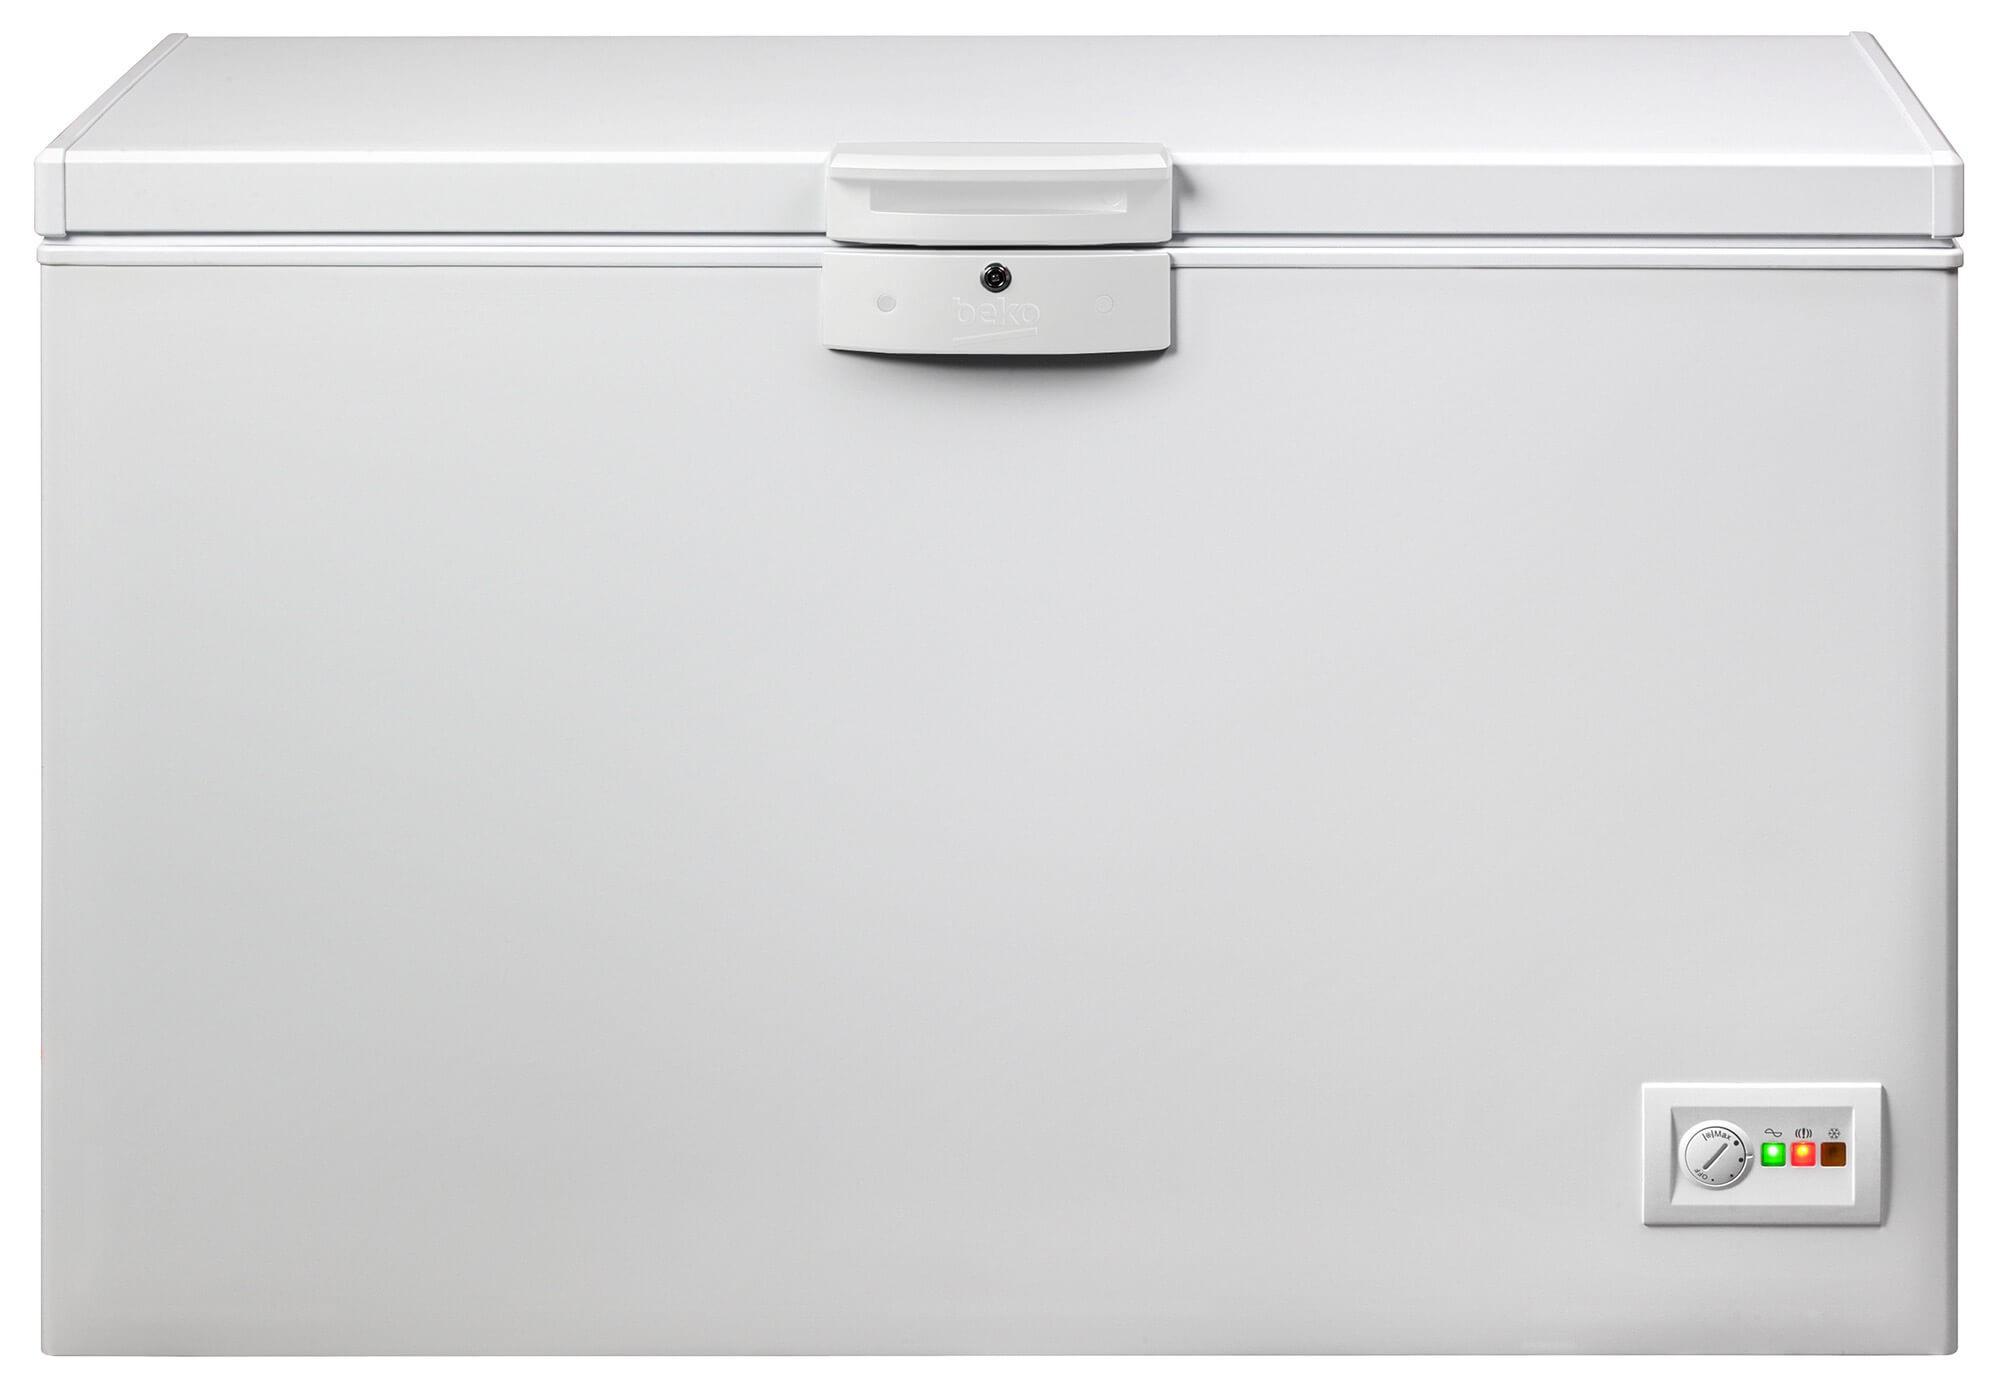 Lada frigorifica Beko HS22953